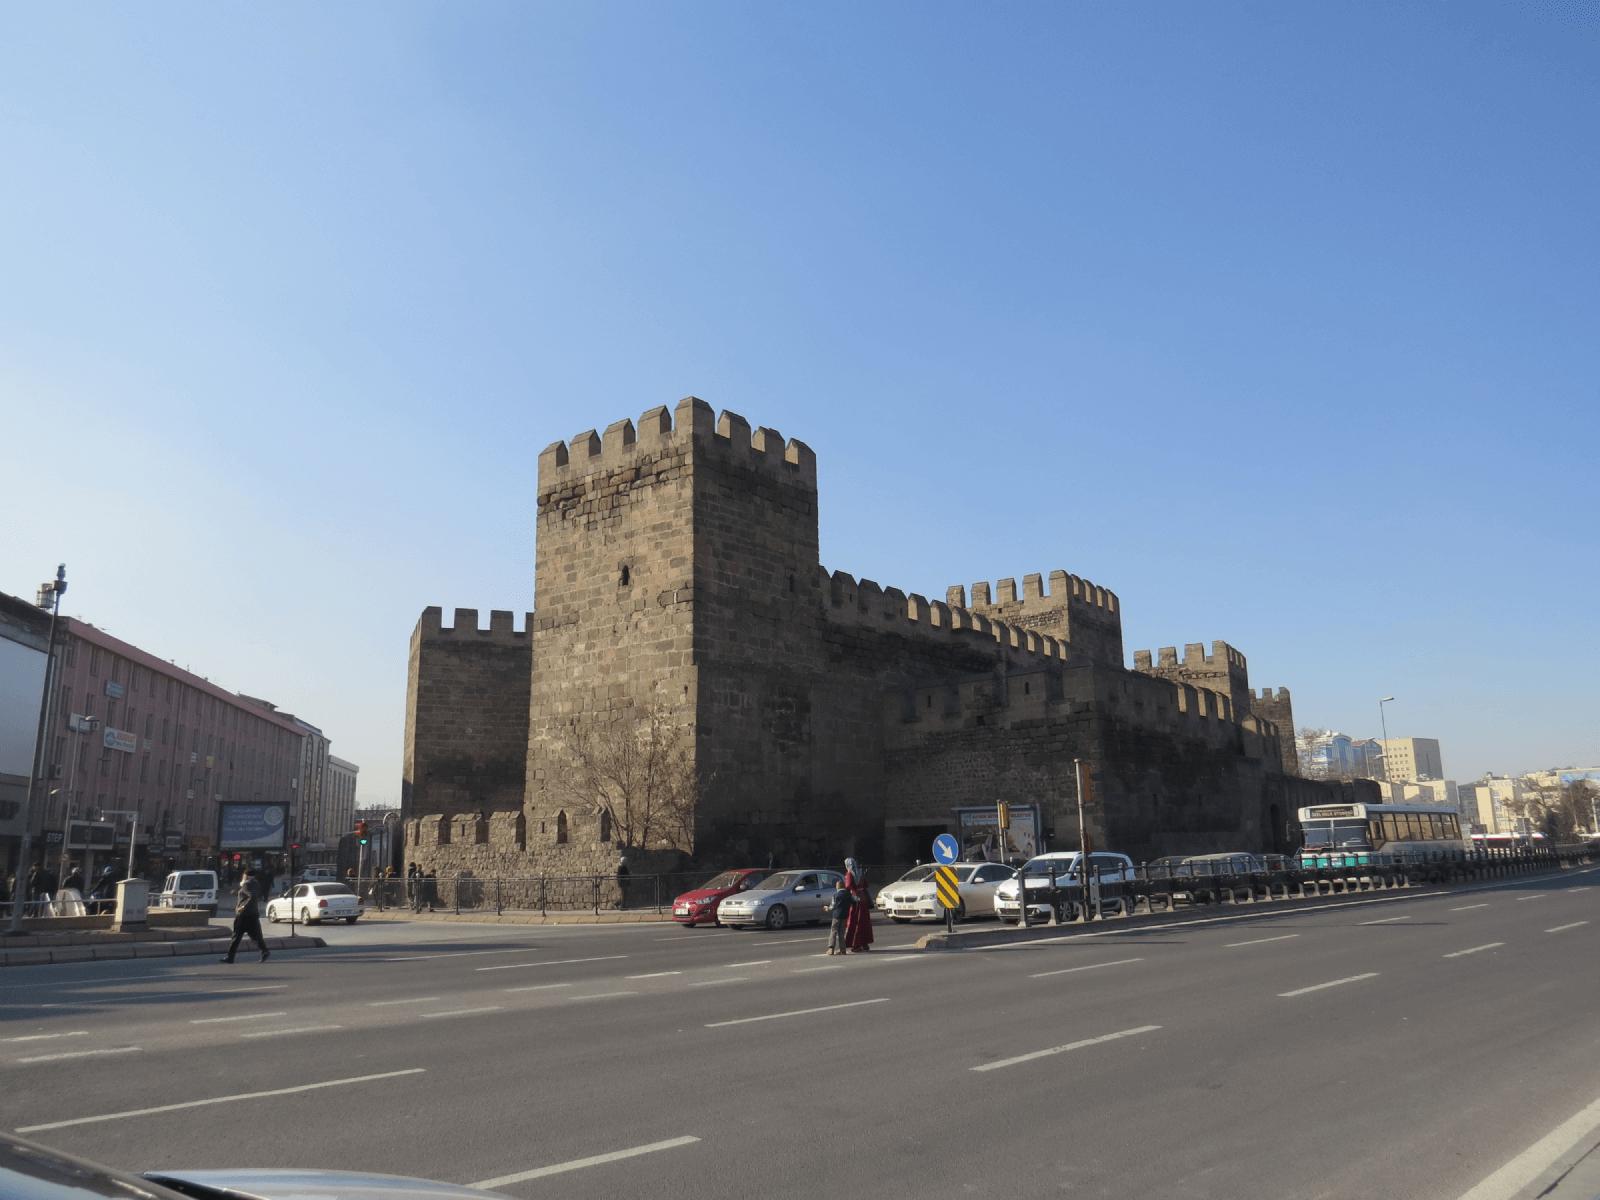 Kayseri Castle